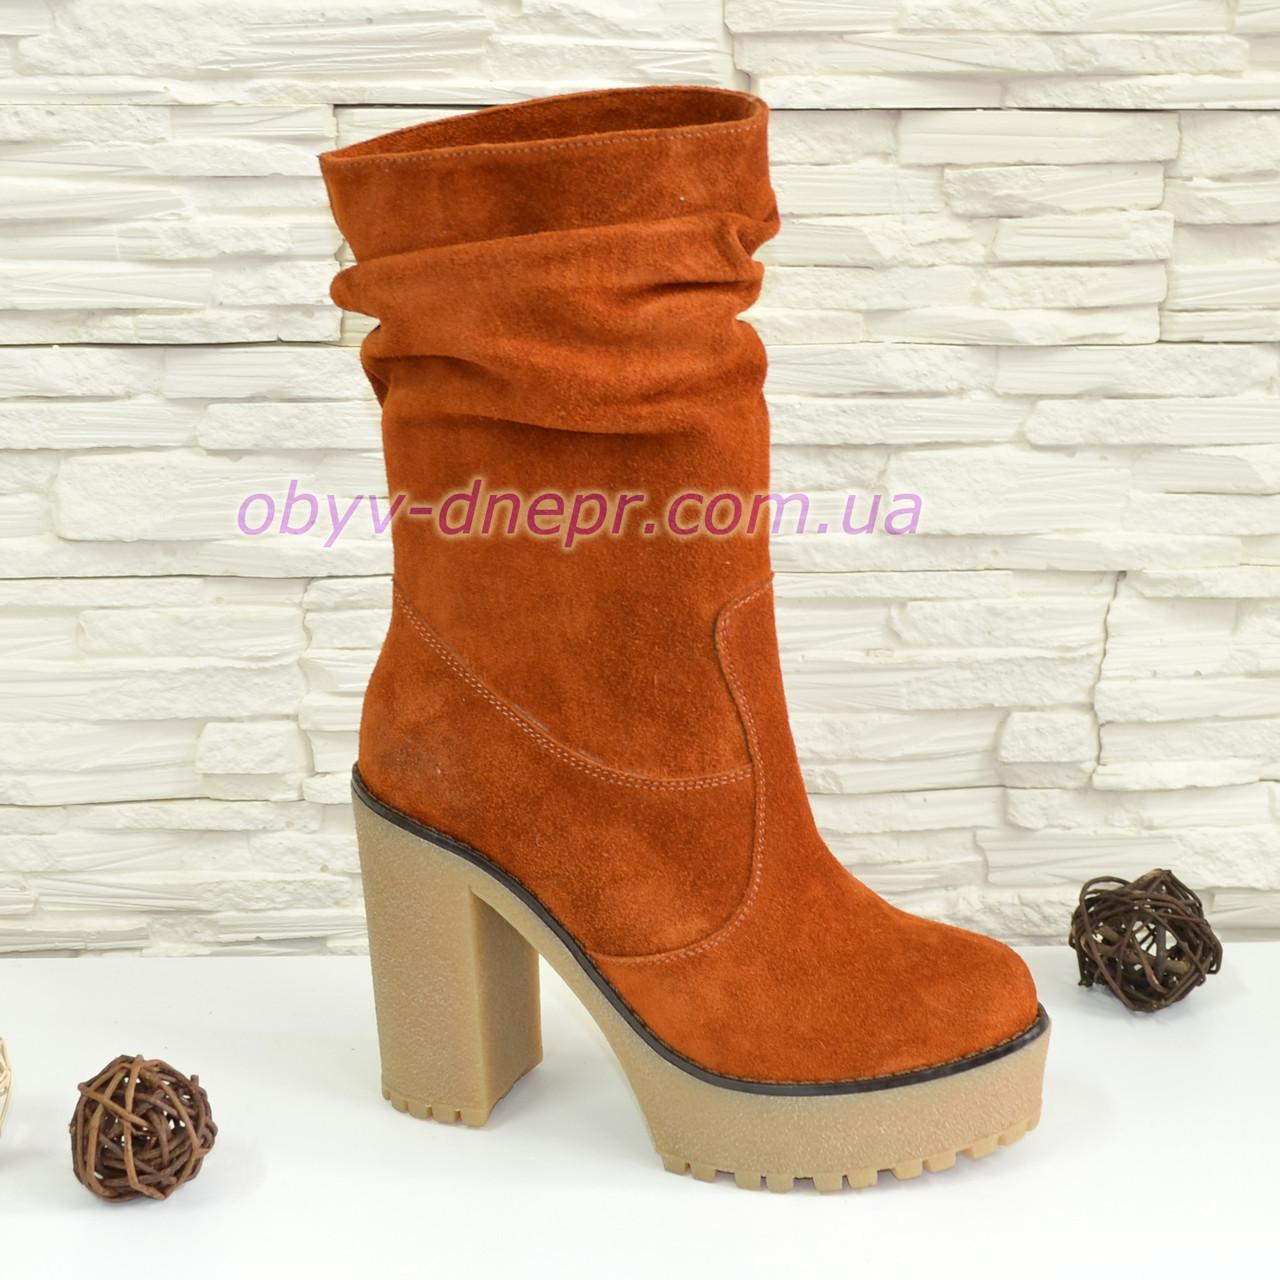 Ботинки замшевые зимние на высоком каблуке, цвет рыжий.